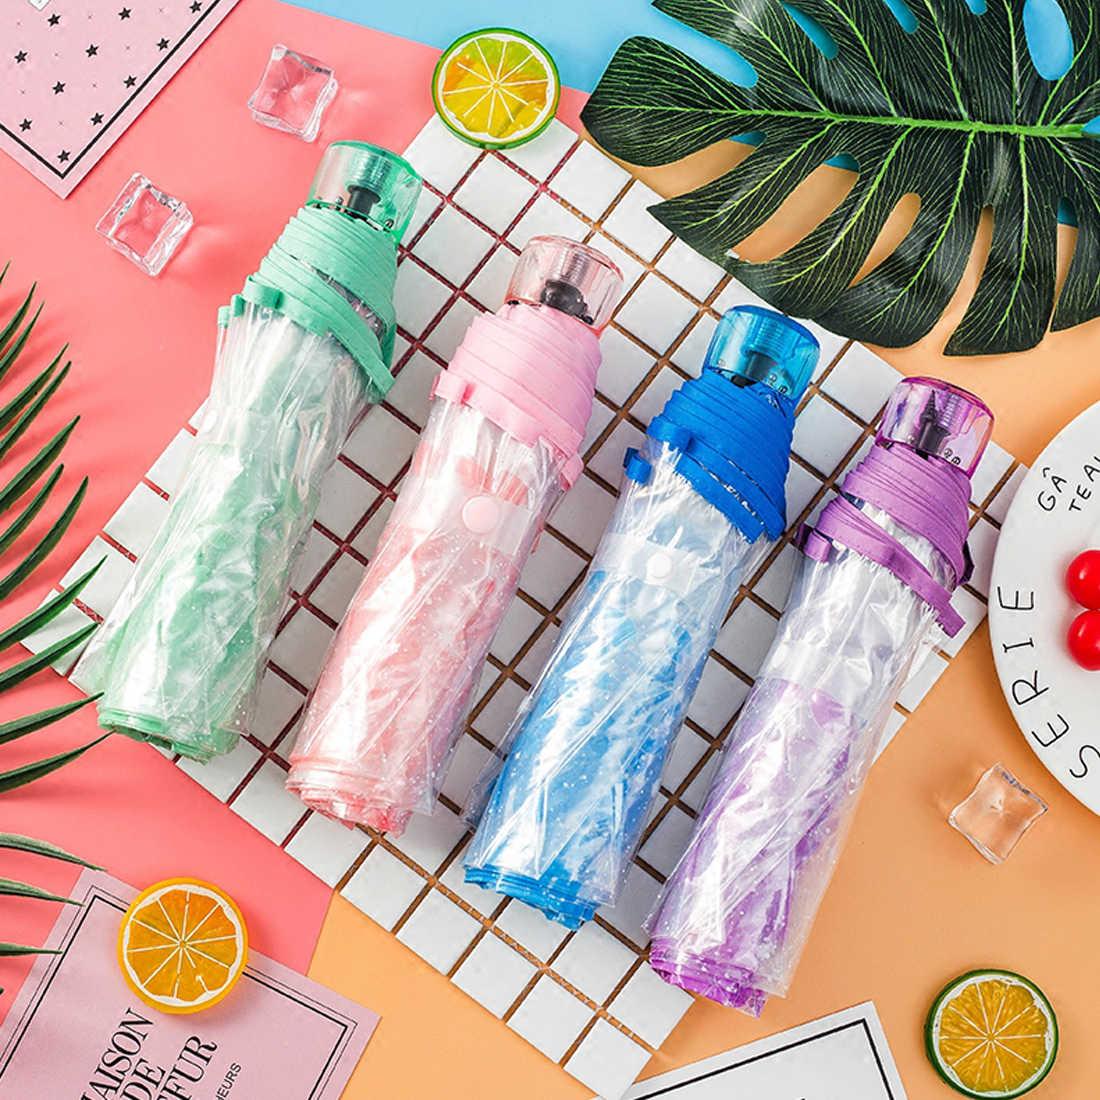 Три раза прозрачный Вишневый зонтик дождь для женщин Дети Солнце Зонтик Компактный Складной Ветрозащитный Стиль Прозрачный Зонтик